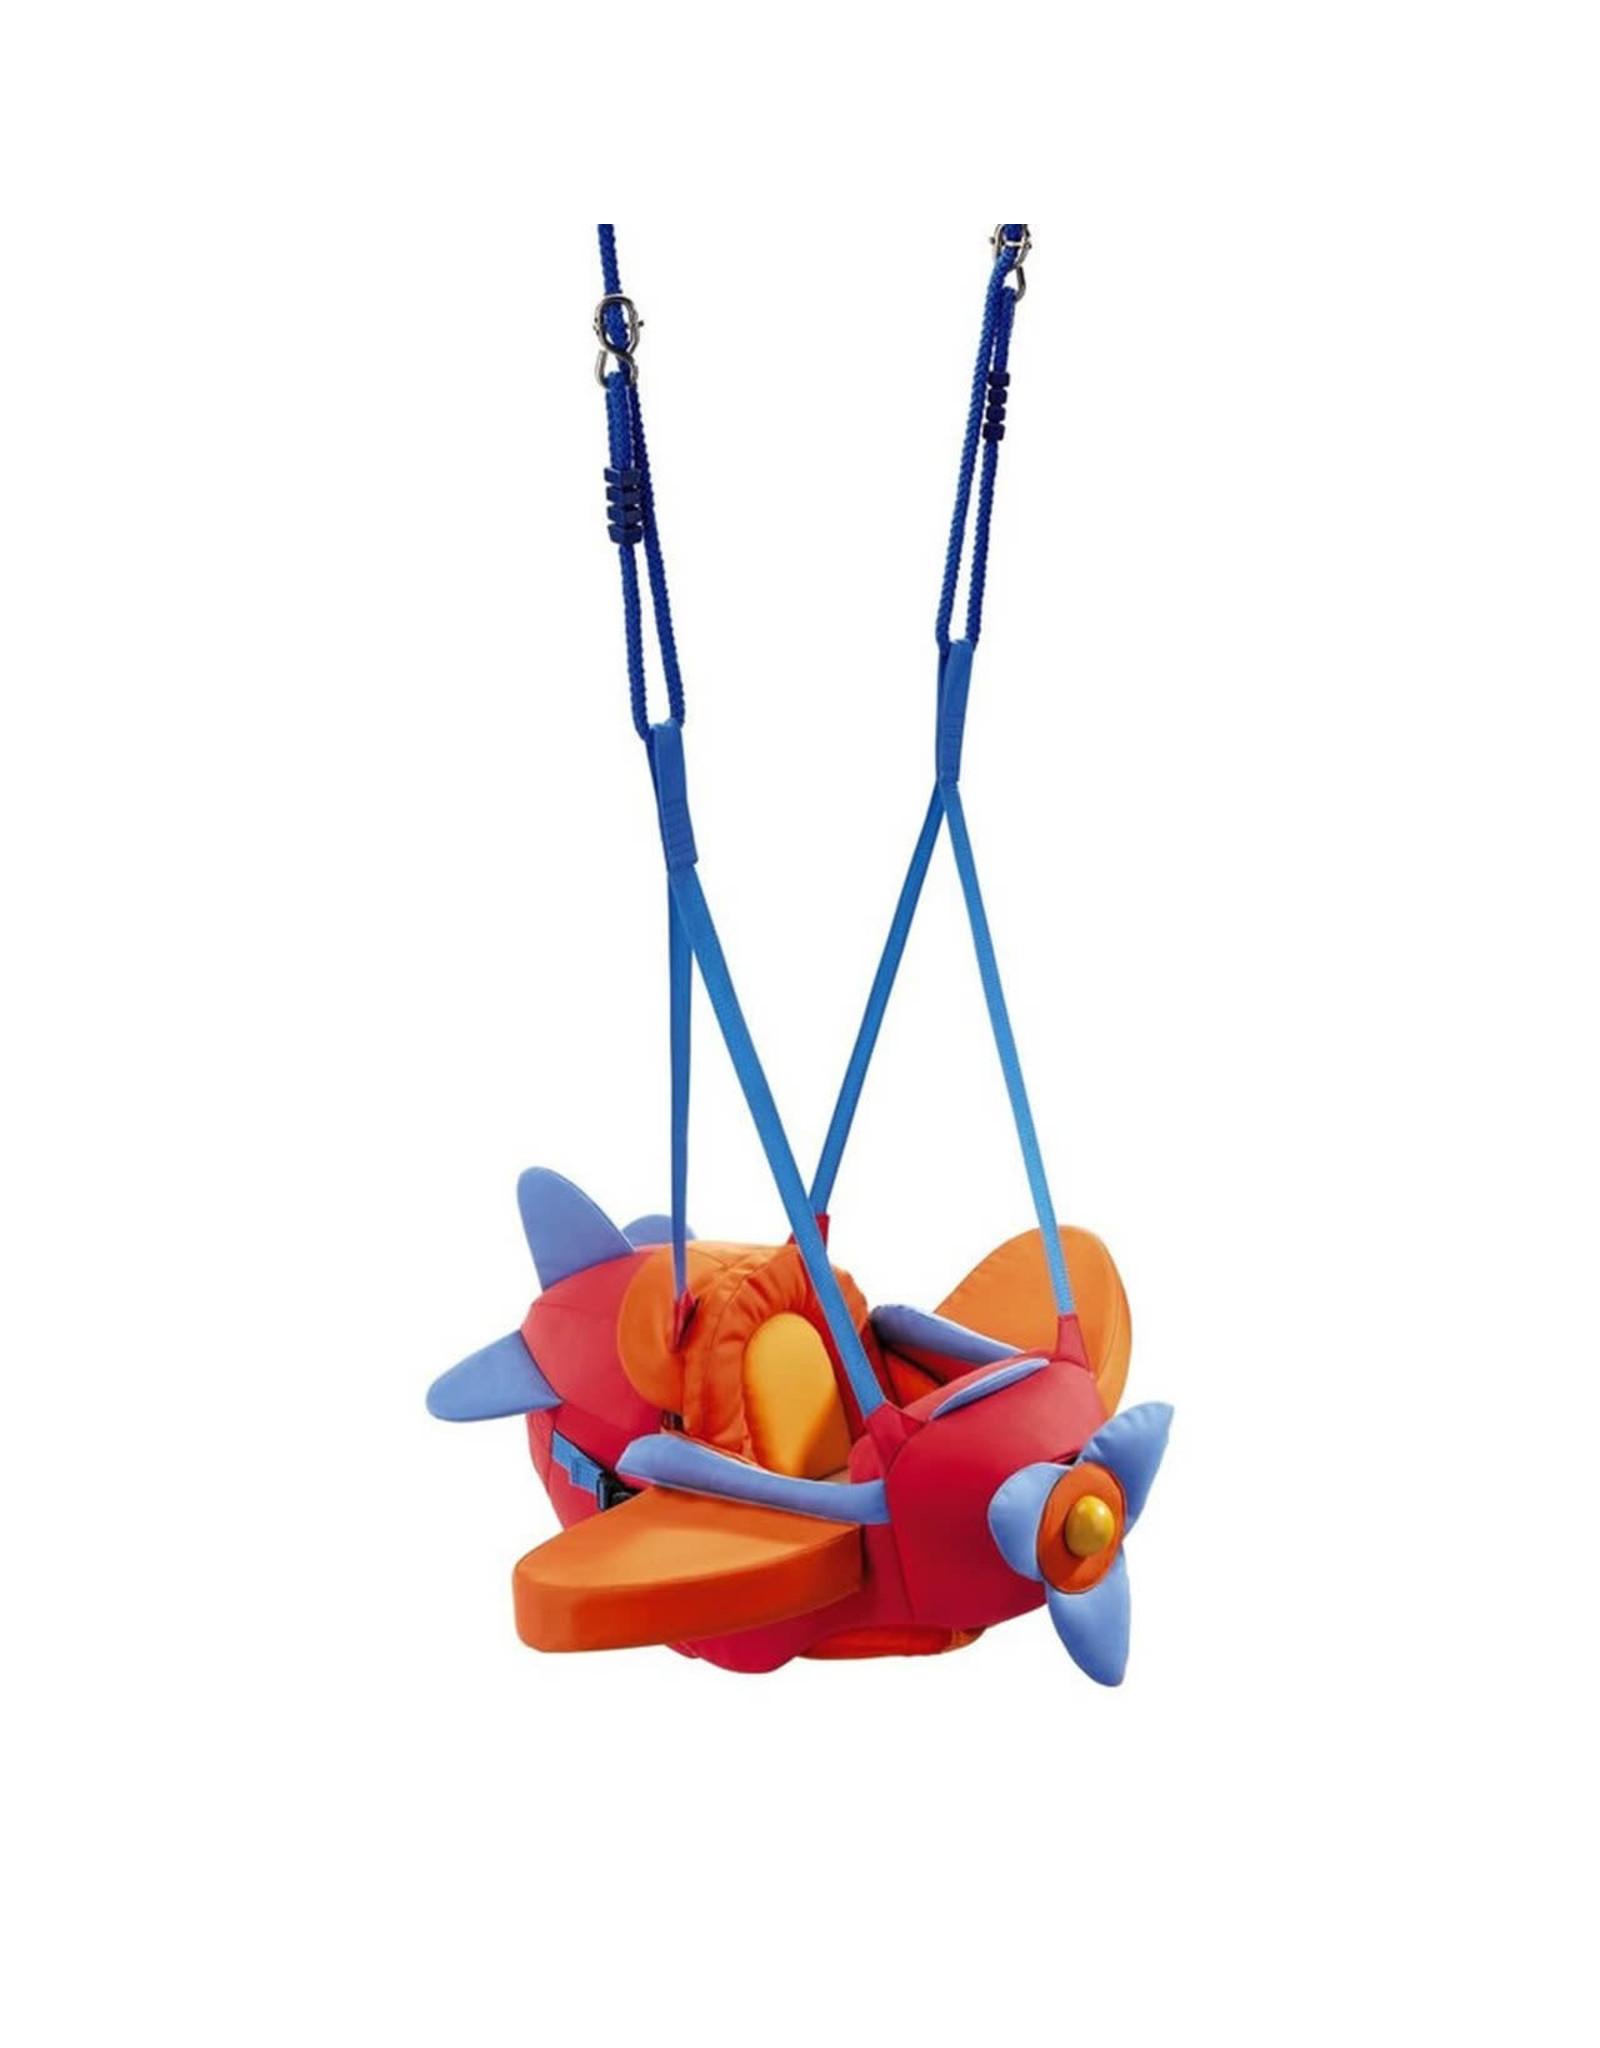 Haba Aircraft Swing